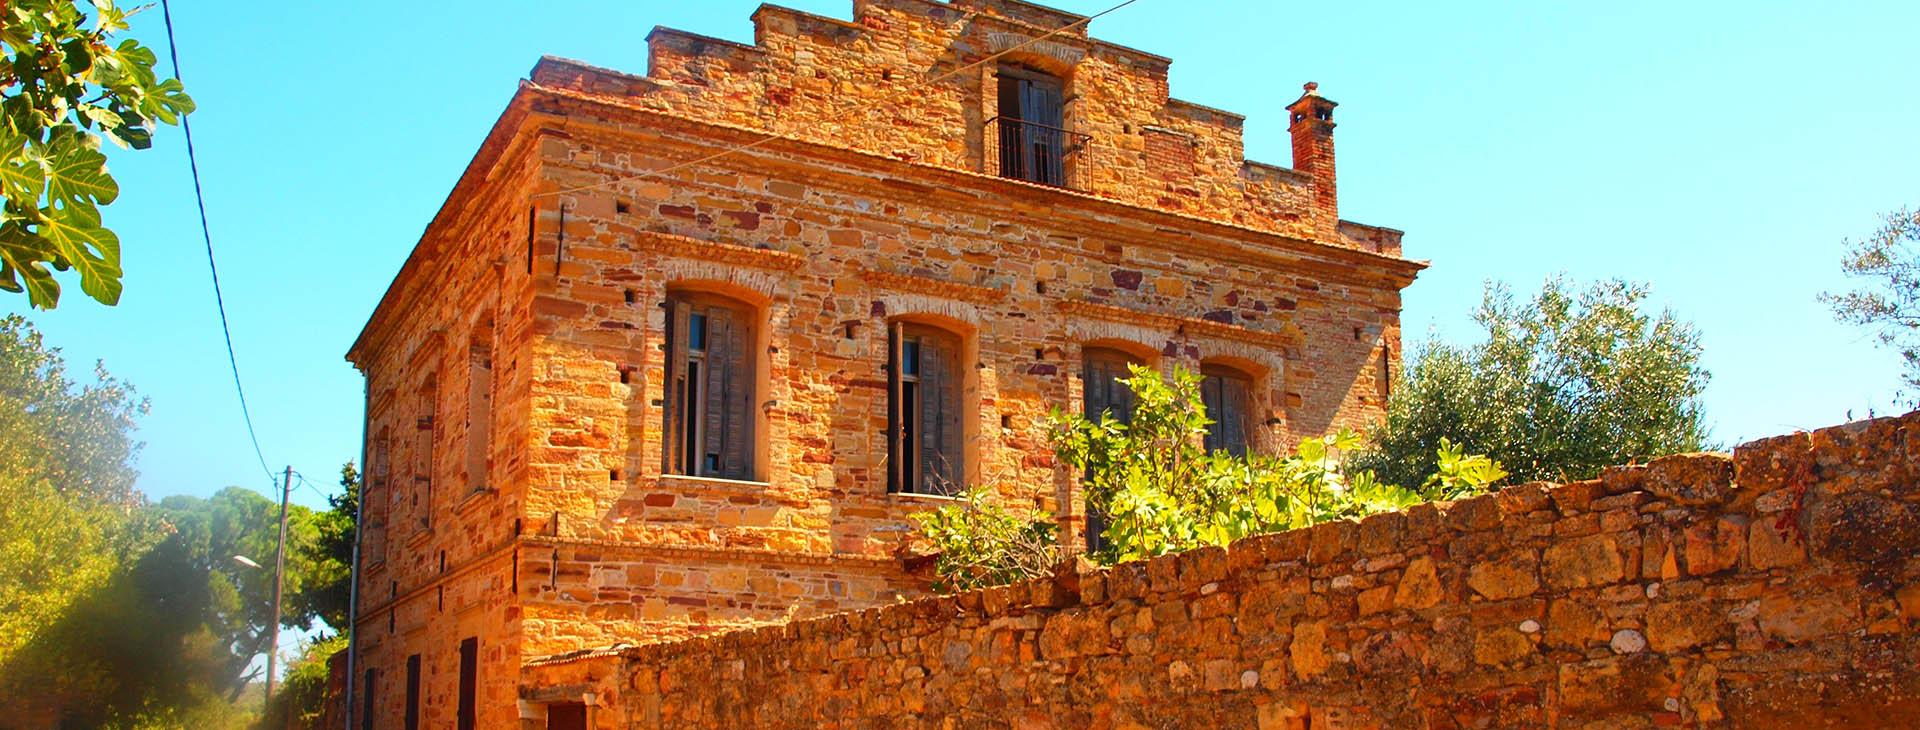 Manor at Kambos, Chios island